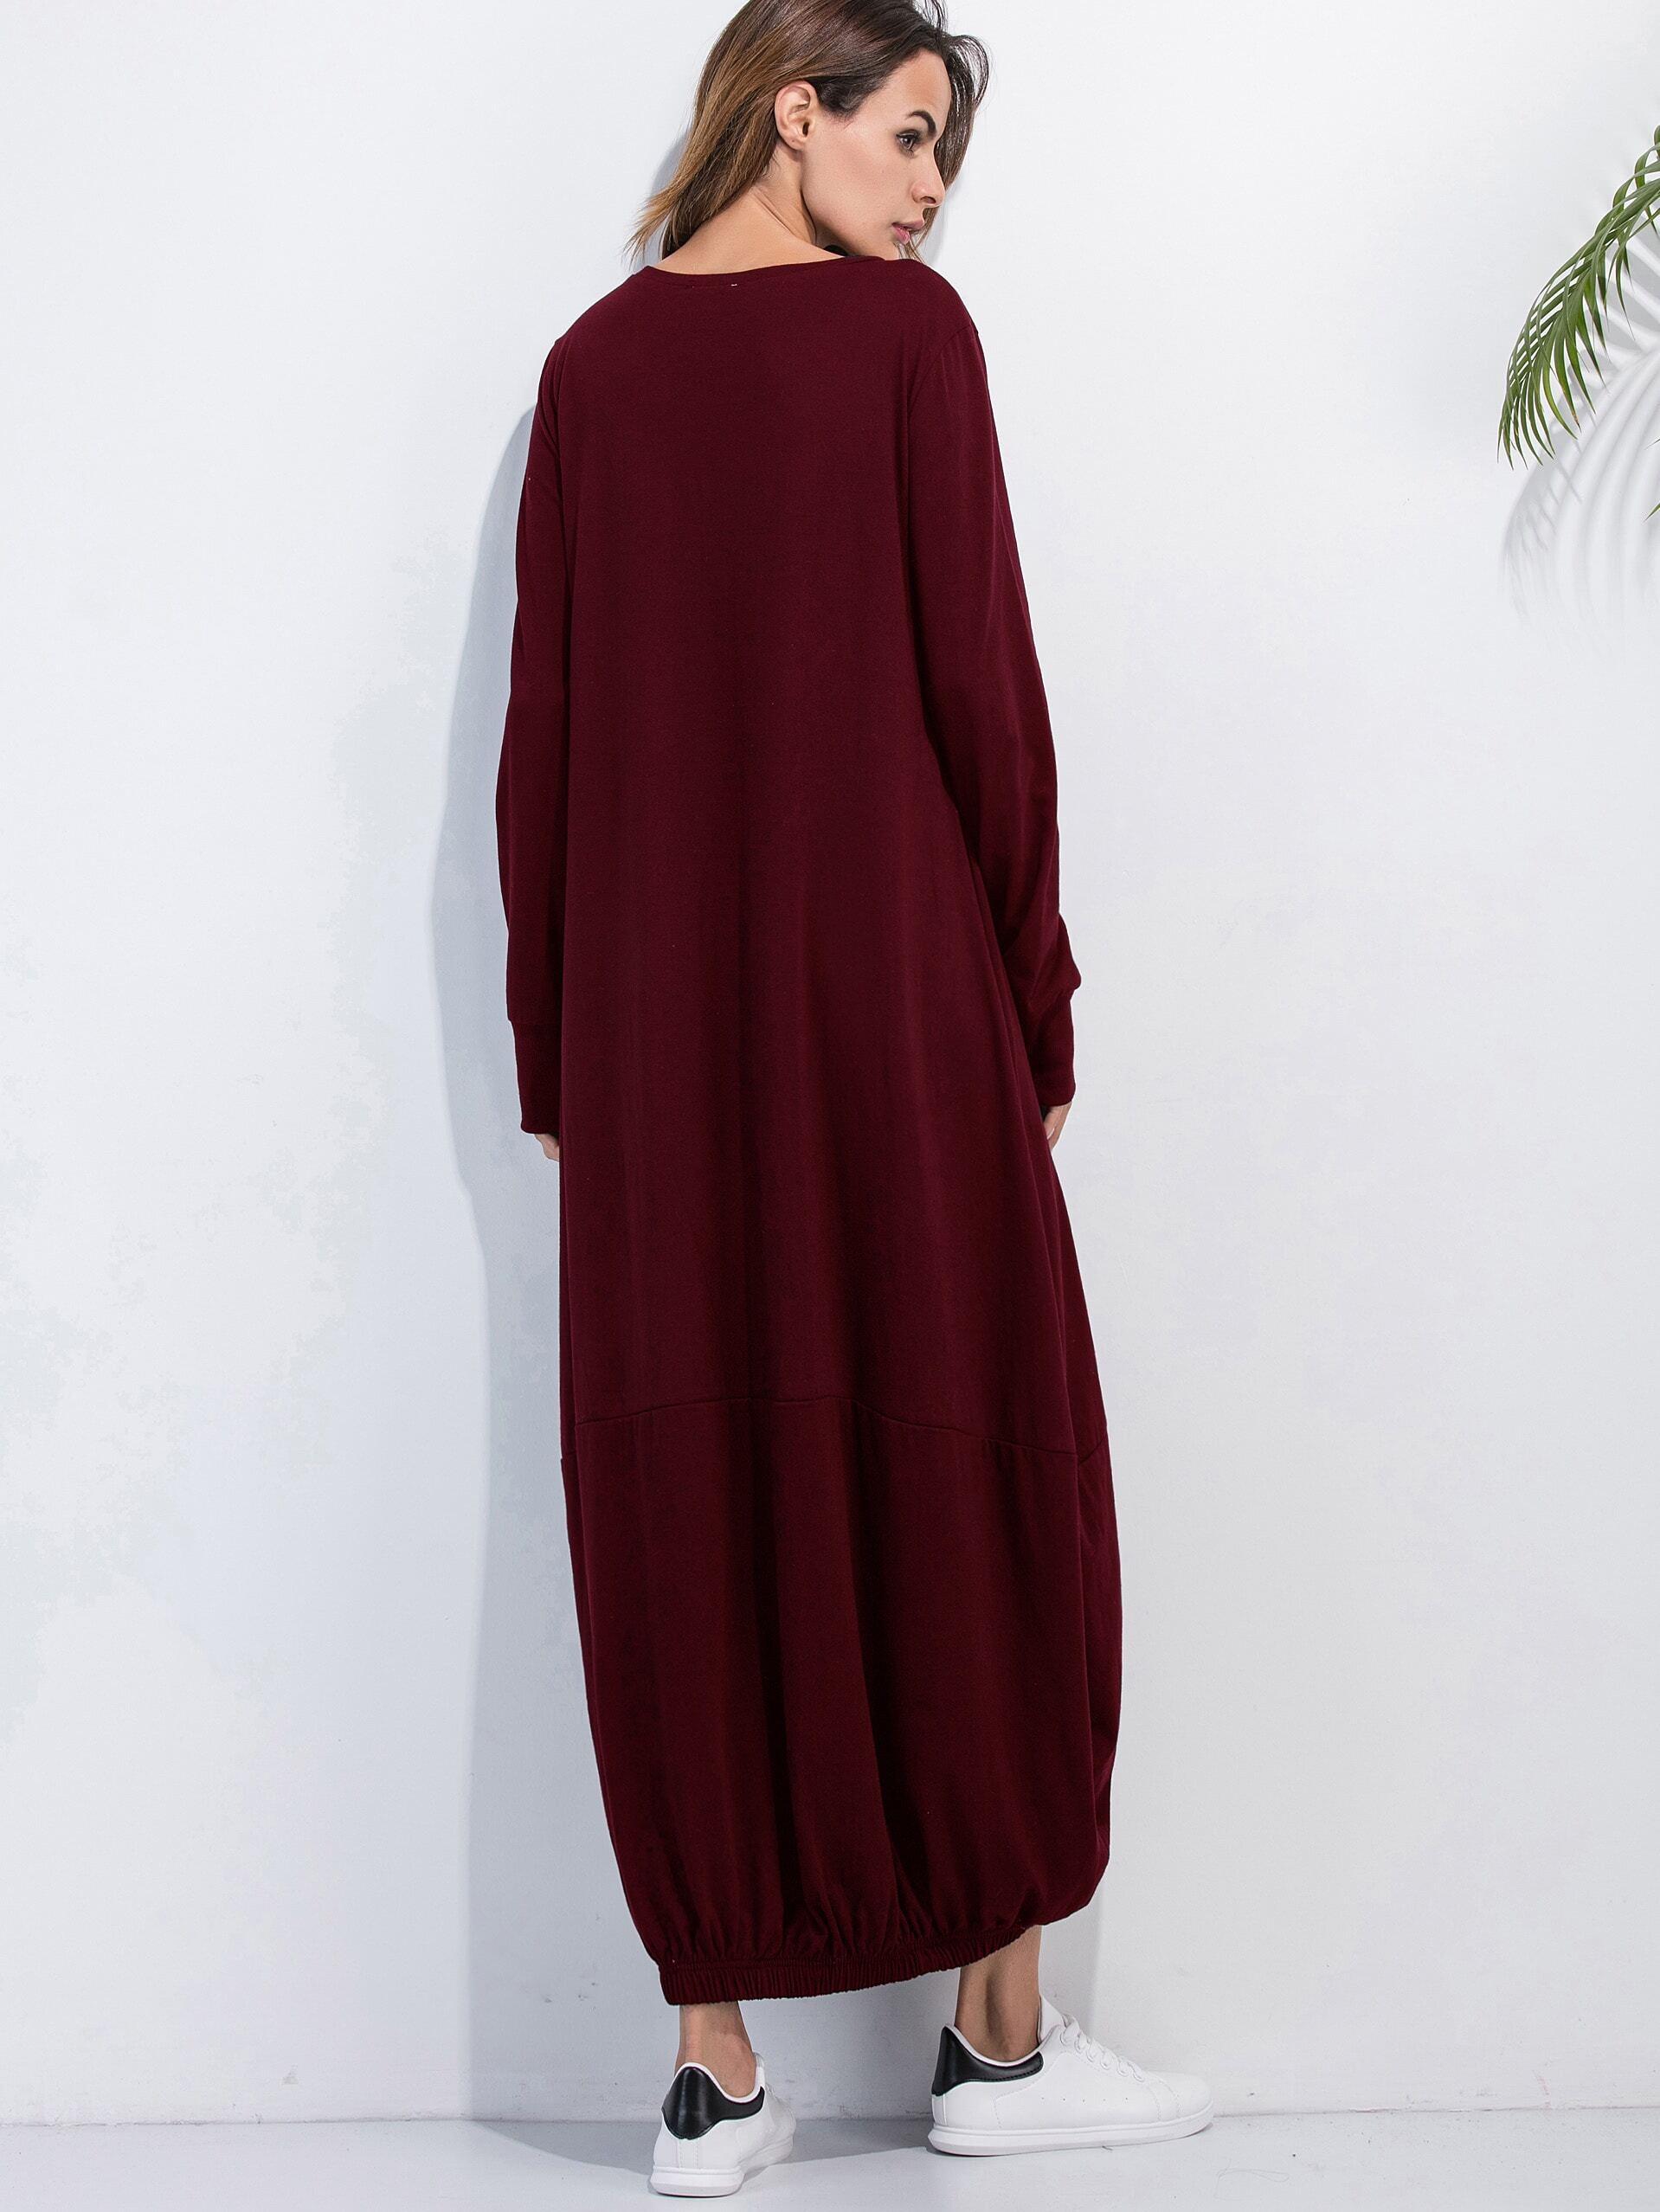 dress161123105_2